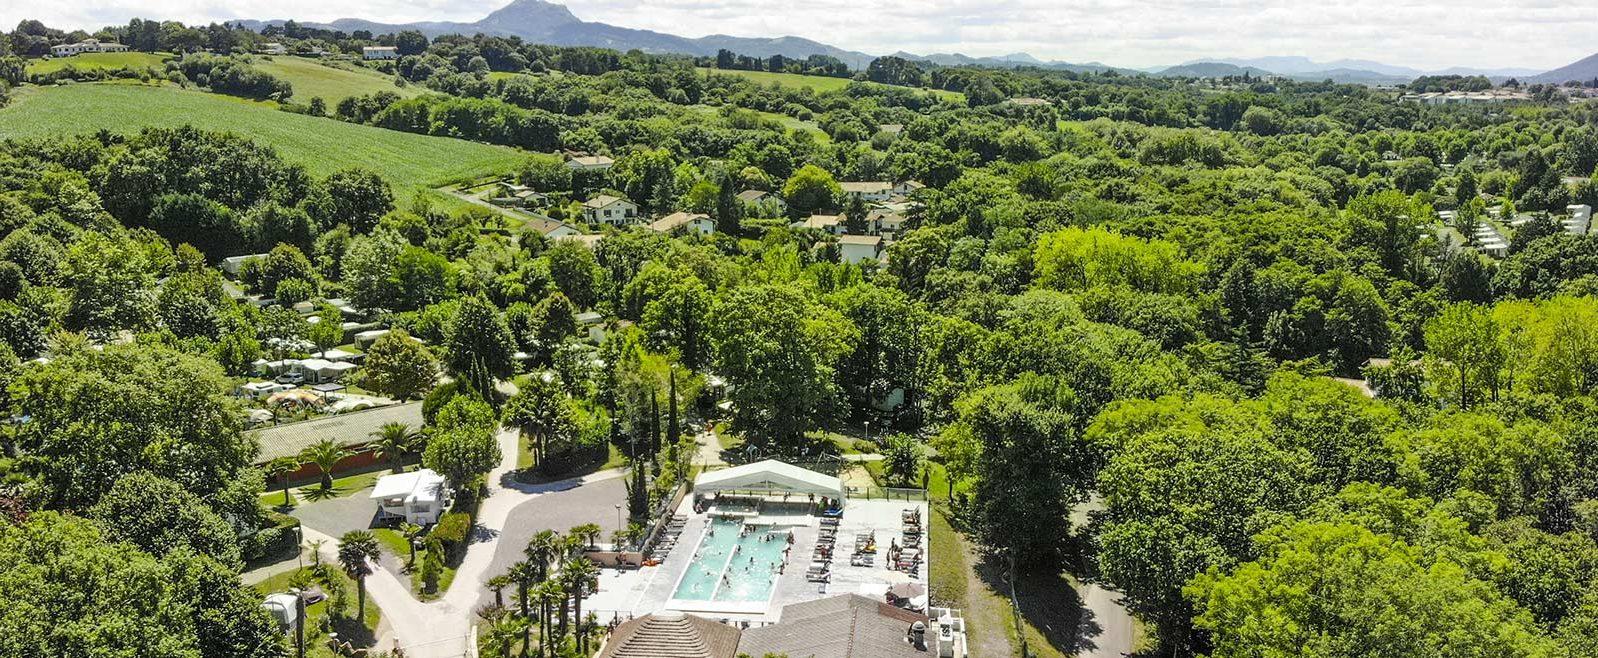 Camping Hendaye | Pays Basque | Camping 4 Étoiles Cote ... avec Camping A La Ferme Avec Piscine